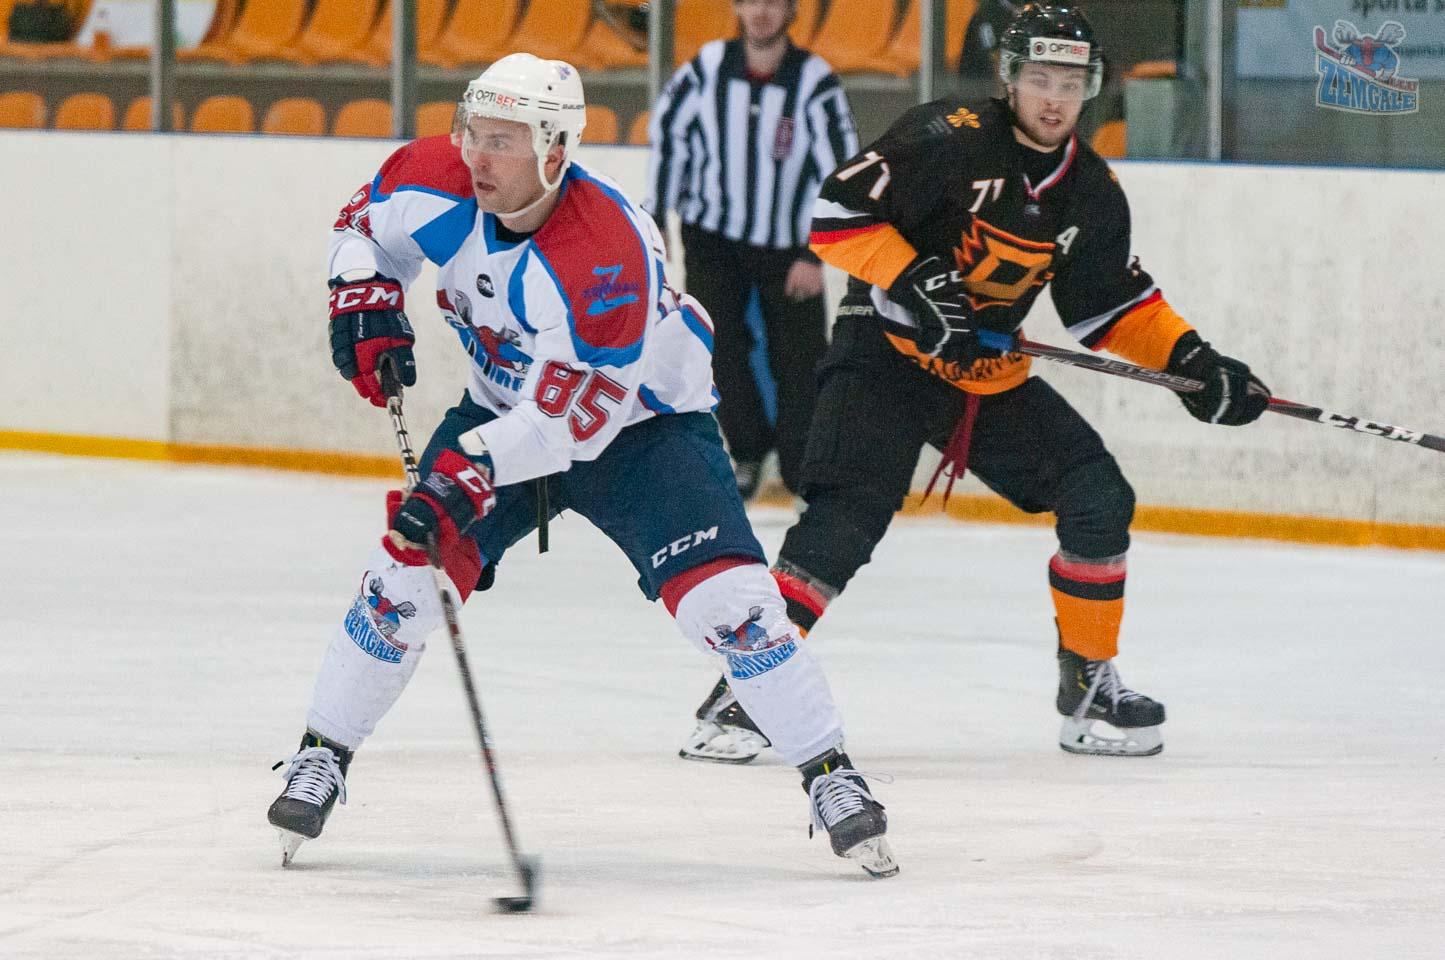 Hokeja uzbrucējs ar pretinieku fonā